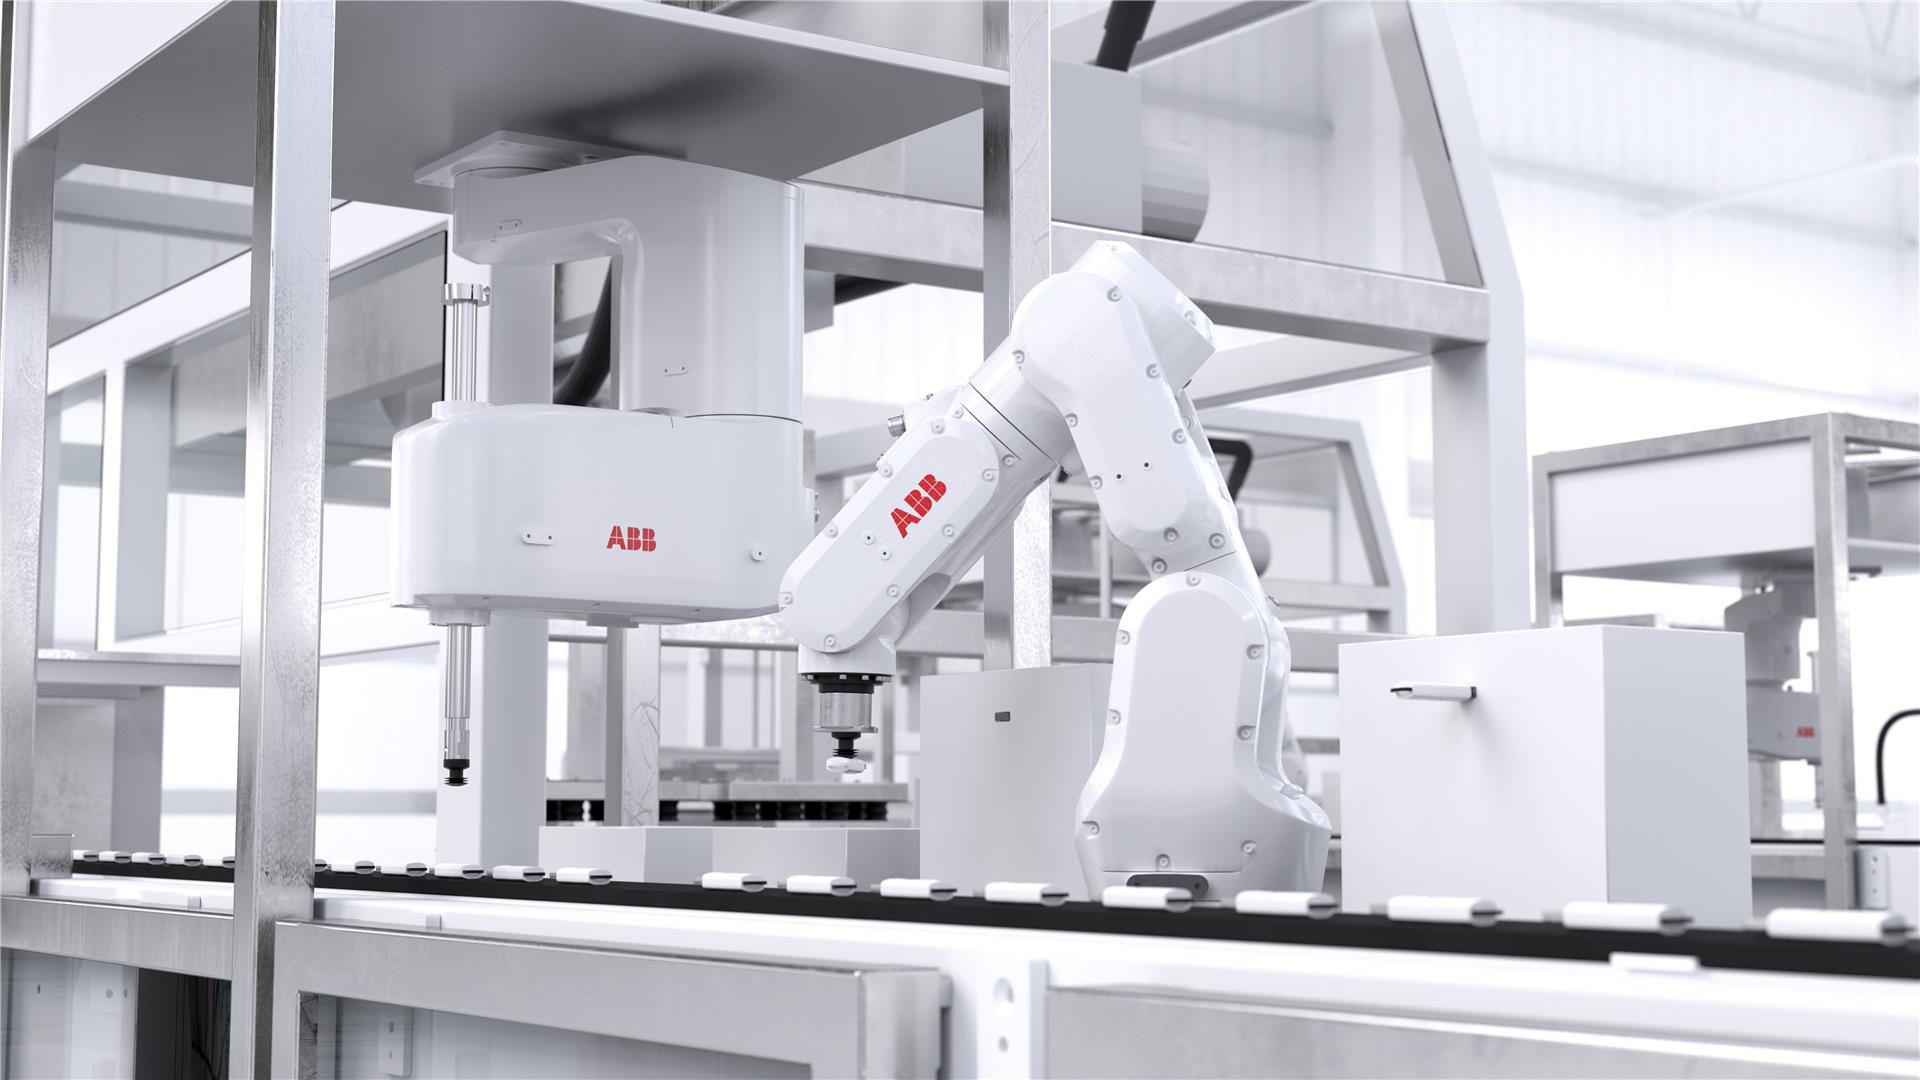 abb scara robot